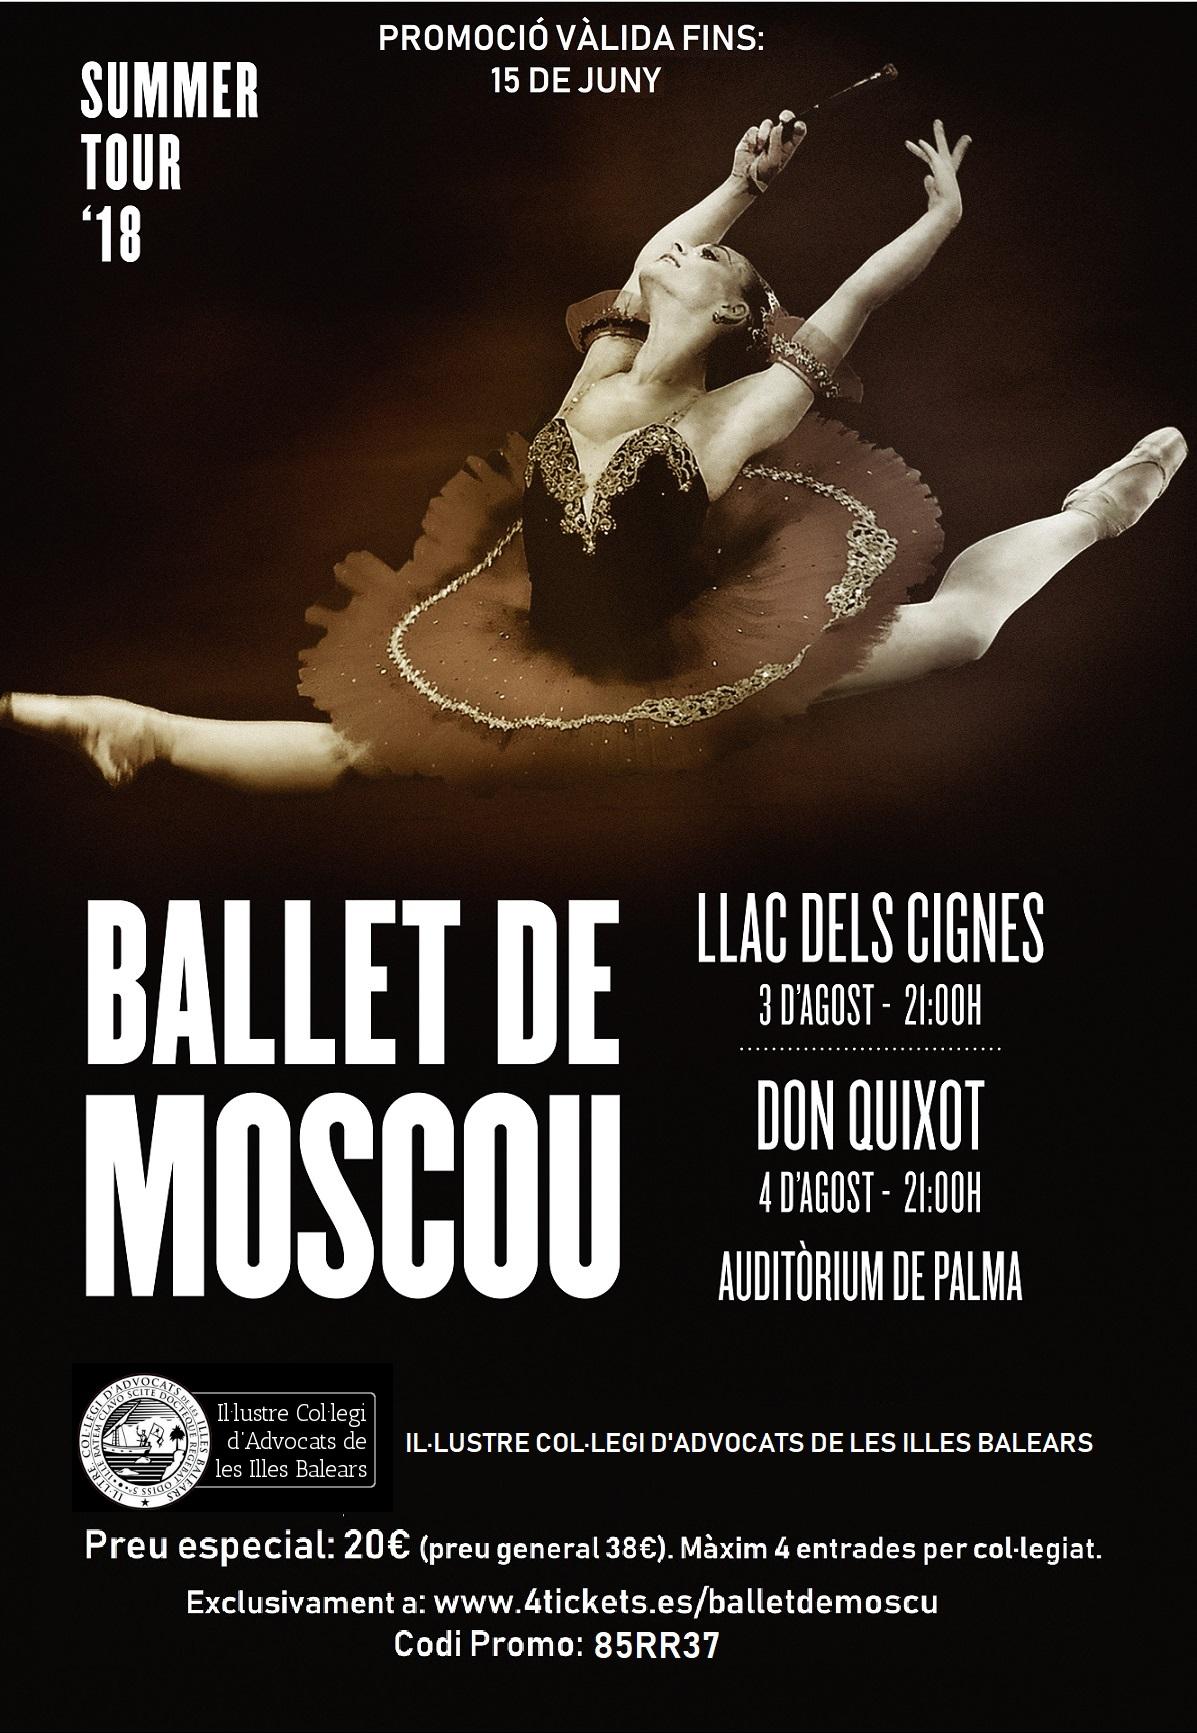 Nueva oferta de importantes descuentos para las próximas actuaciones del ballet de Moscú en Palma